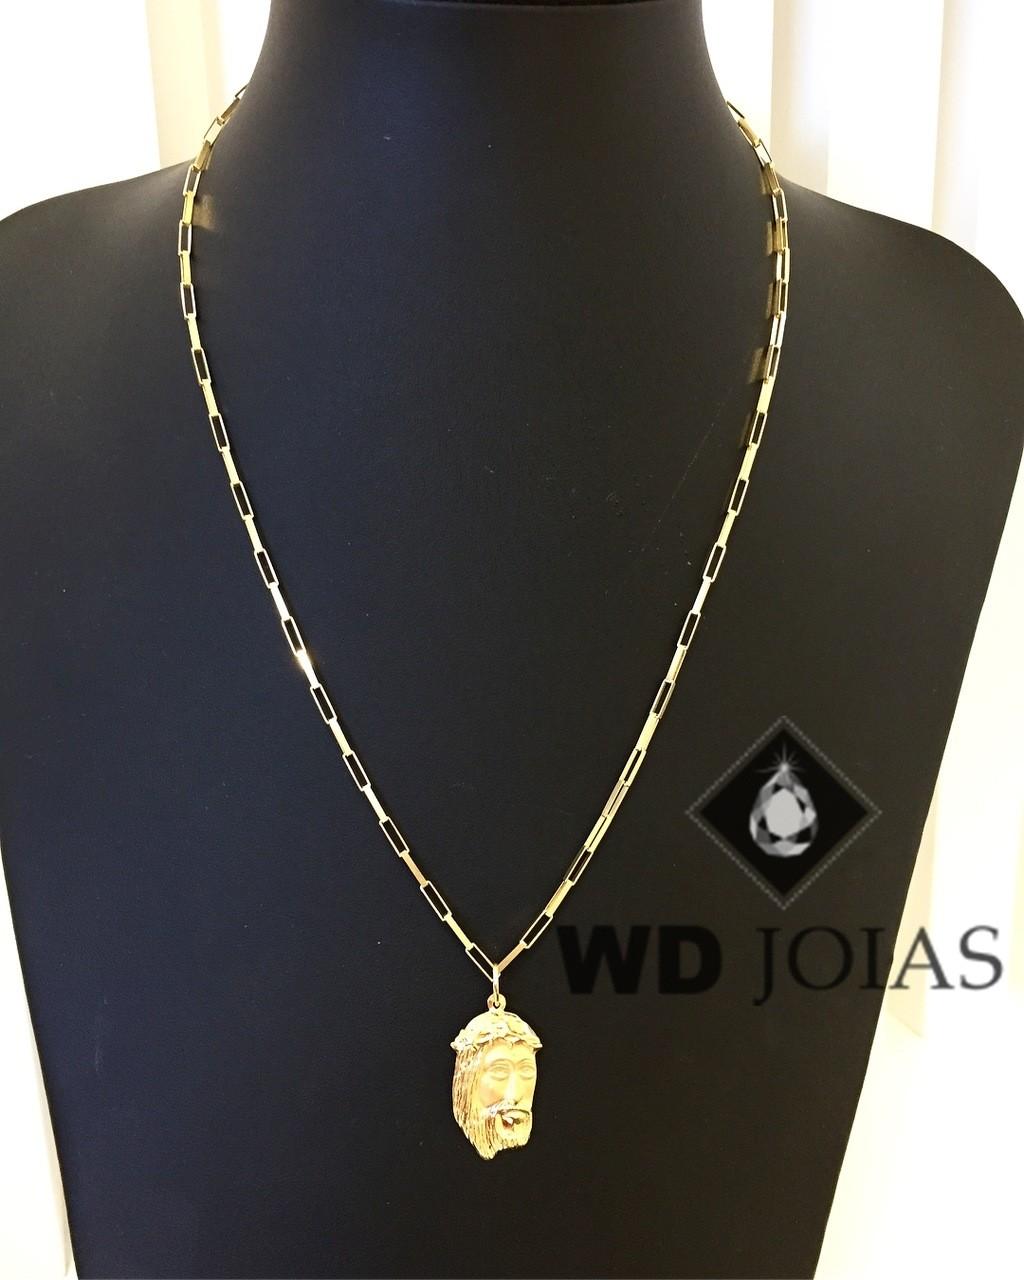 Corrente Ouro 18k Cartier Com Pingente 55 cm 8,5gr WD8874